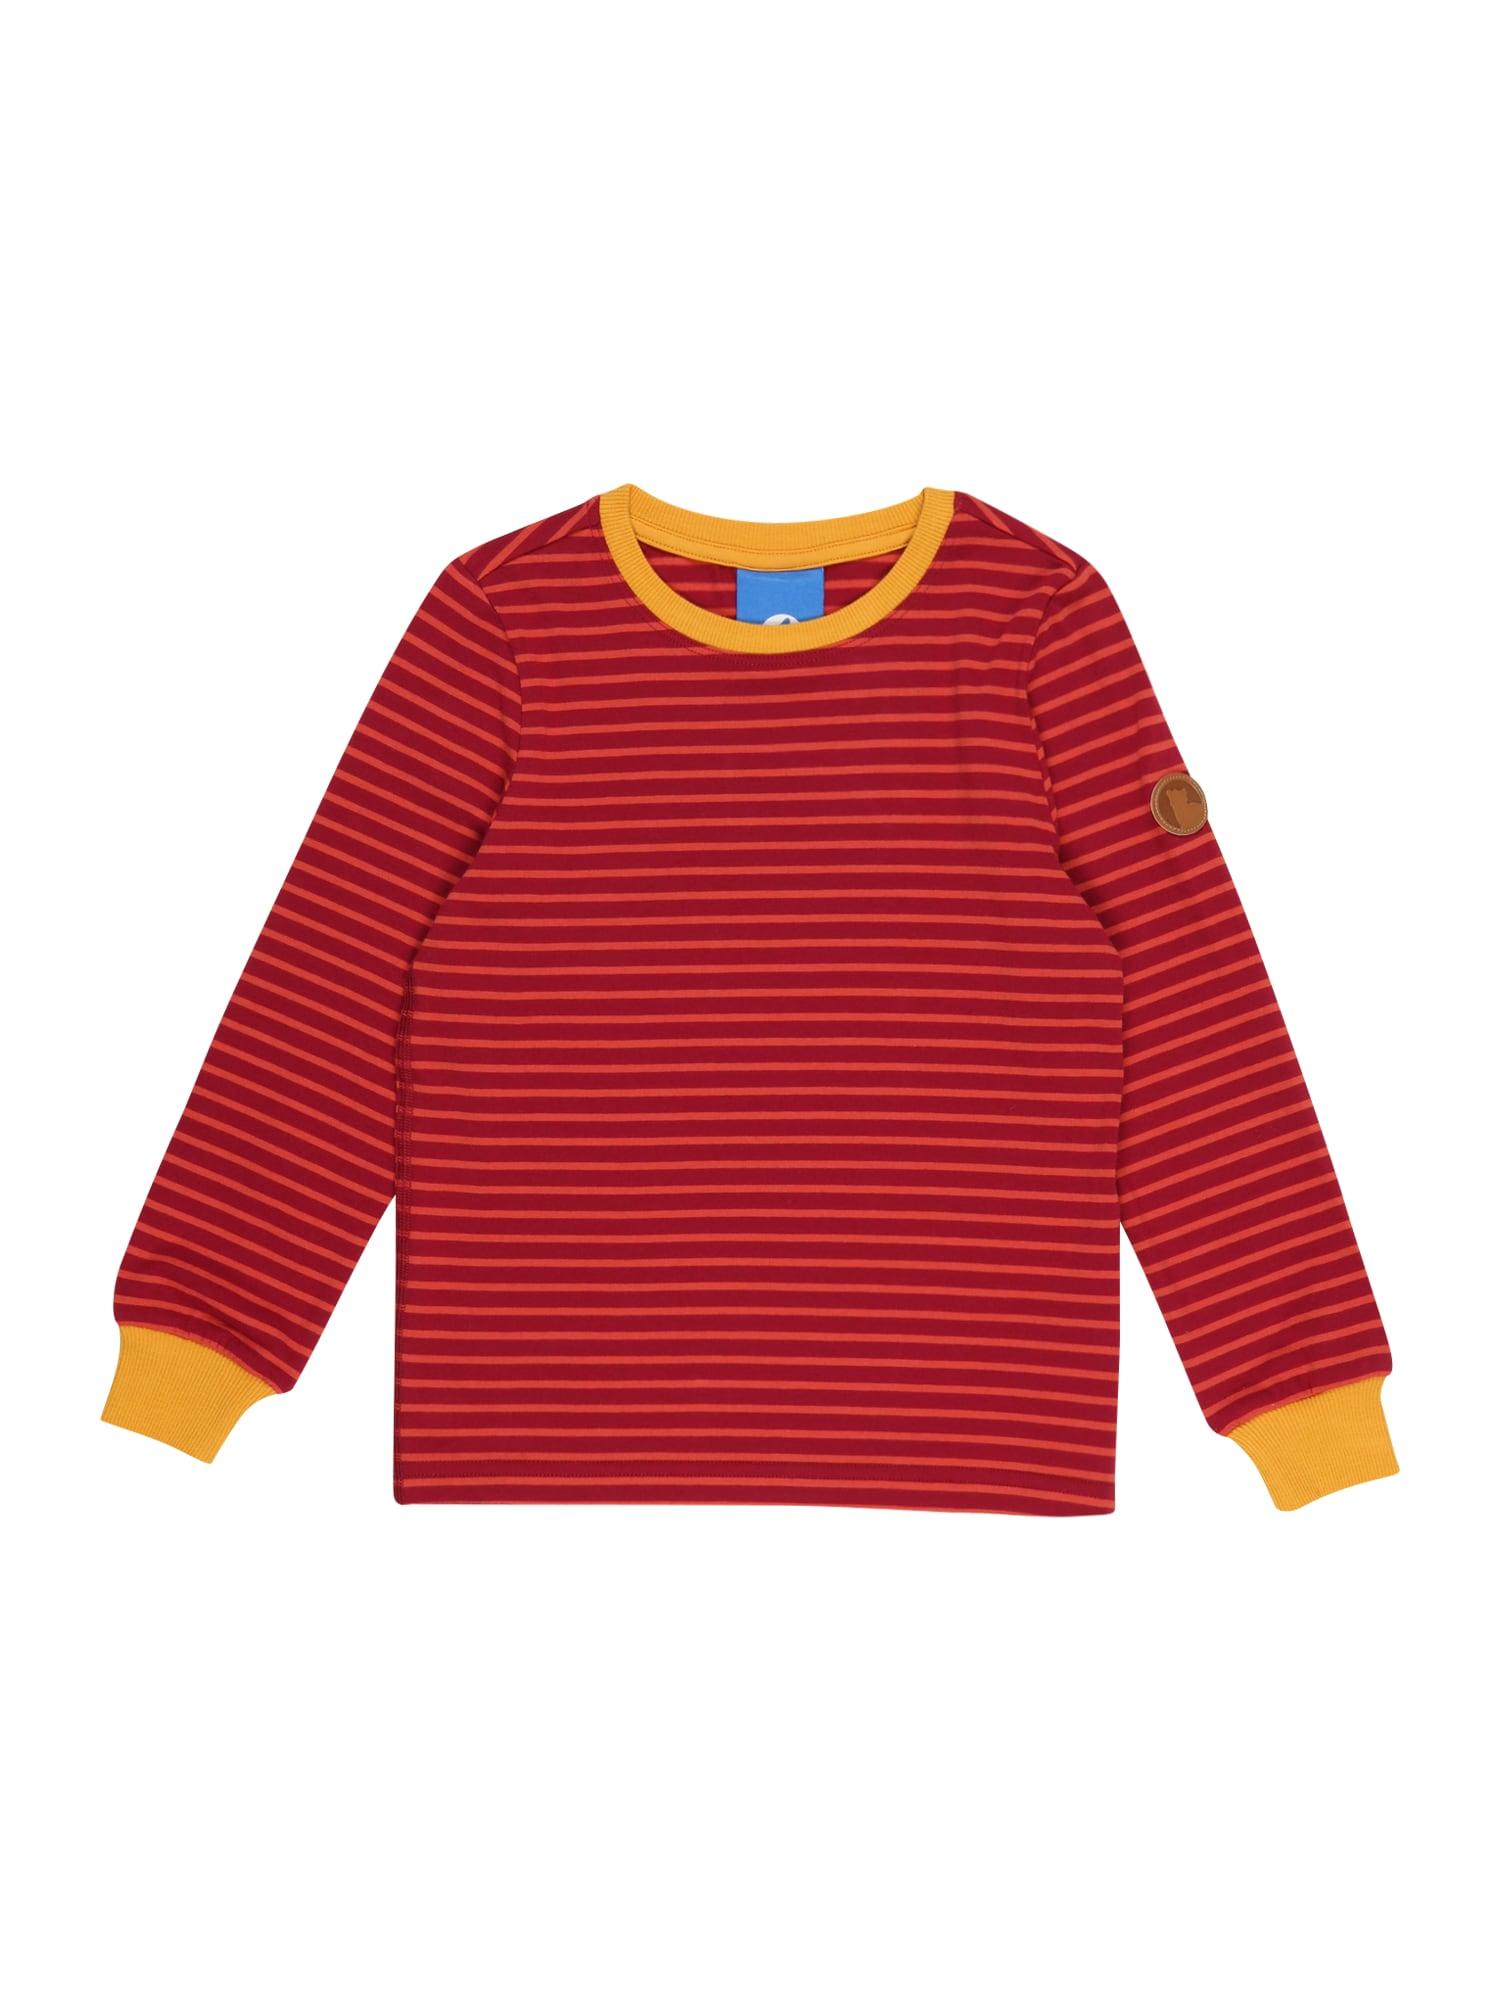 FINKID Marškinėliai karmino raudona / melionų spalva / aukso geltonumo spalva